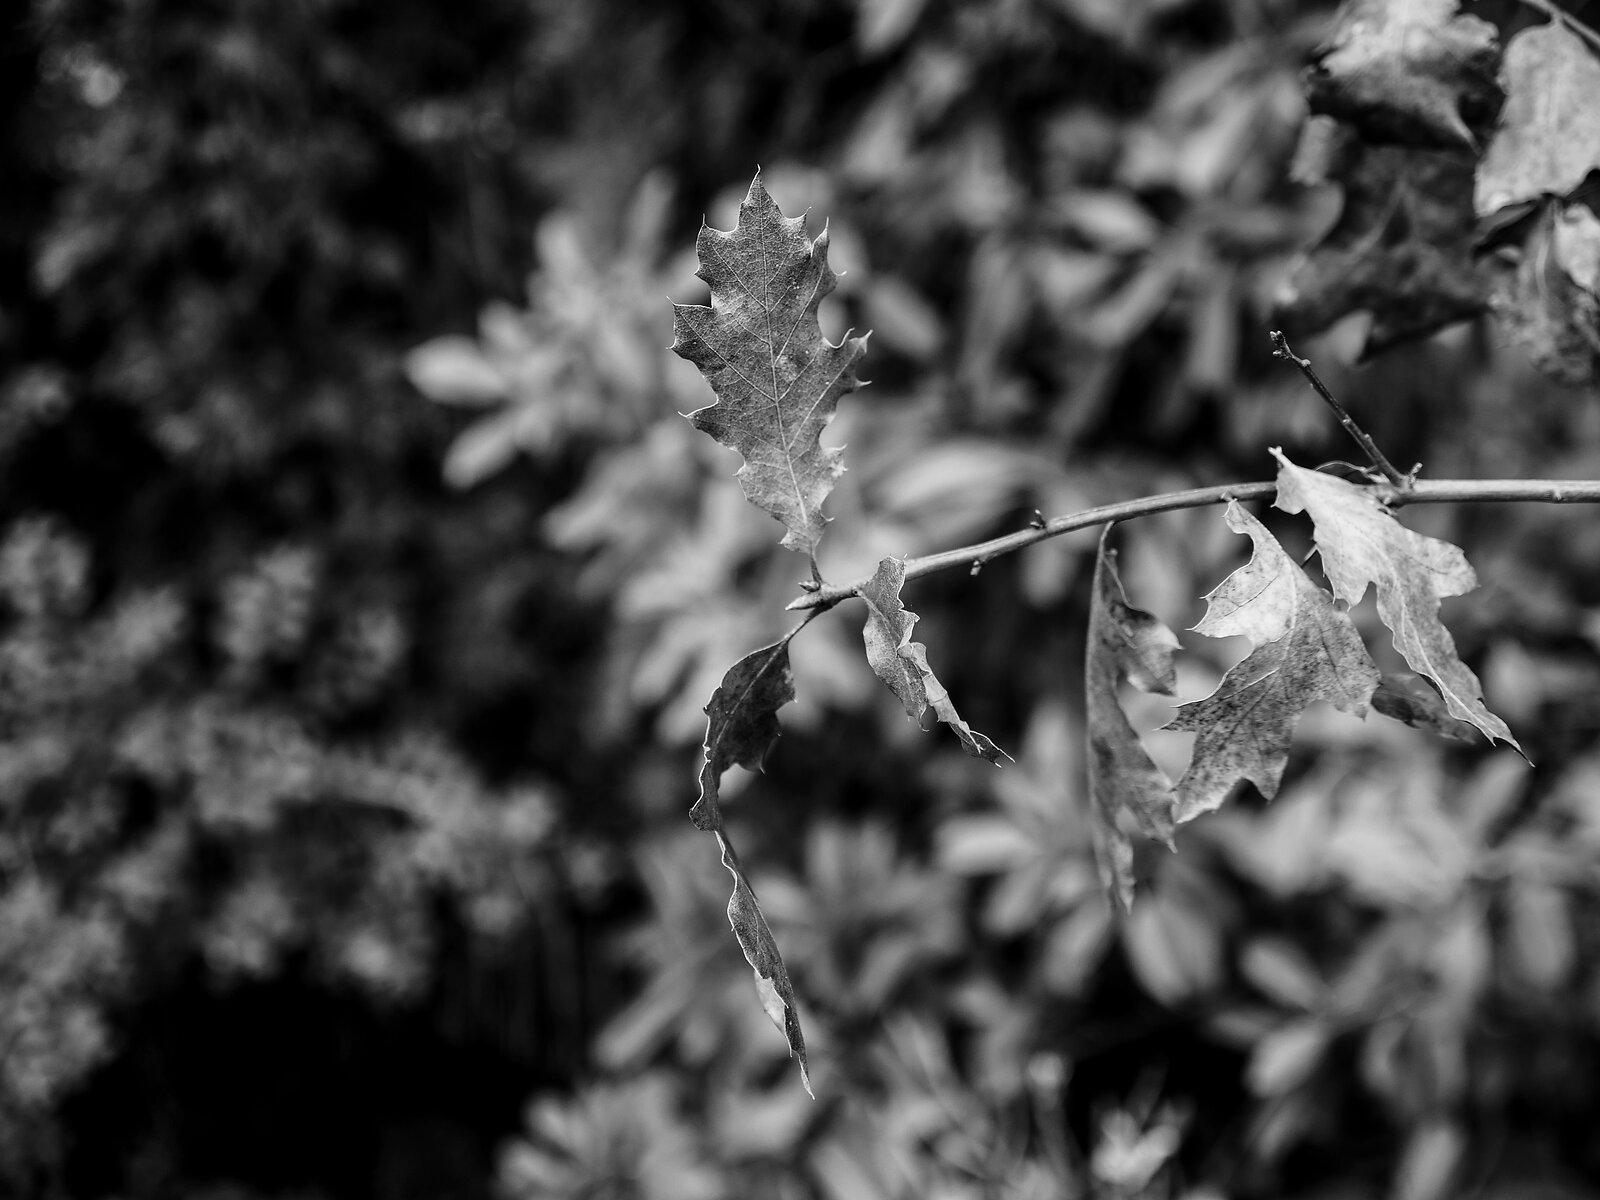 GX8_Jan18_21_leaves+branch.jpg